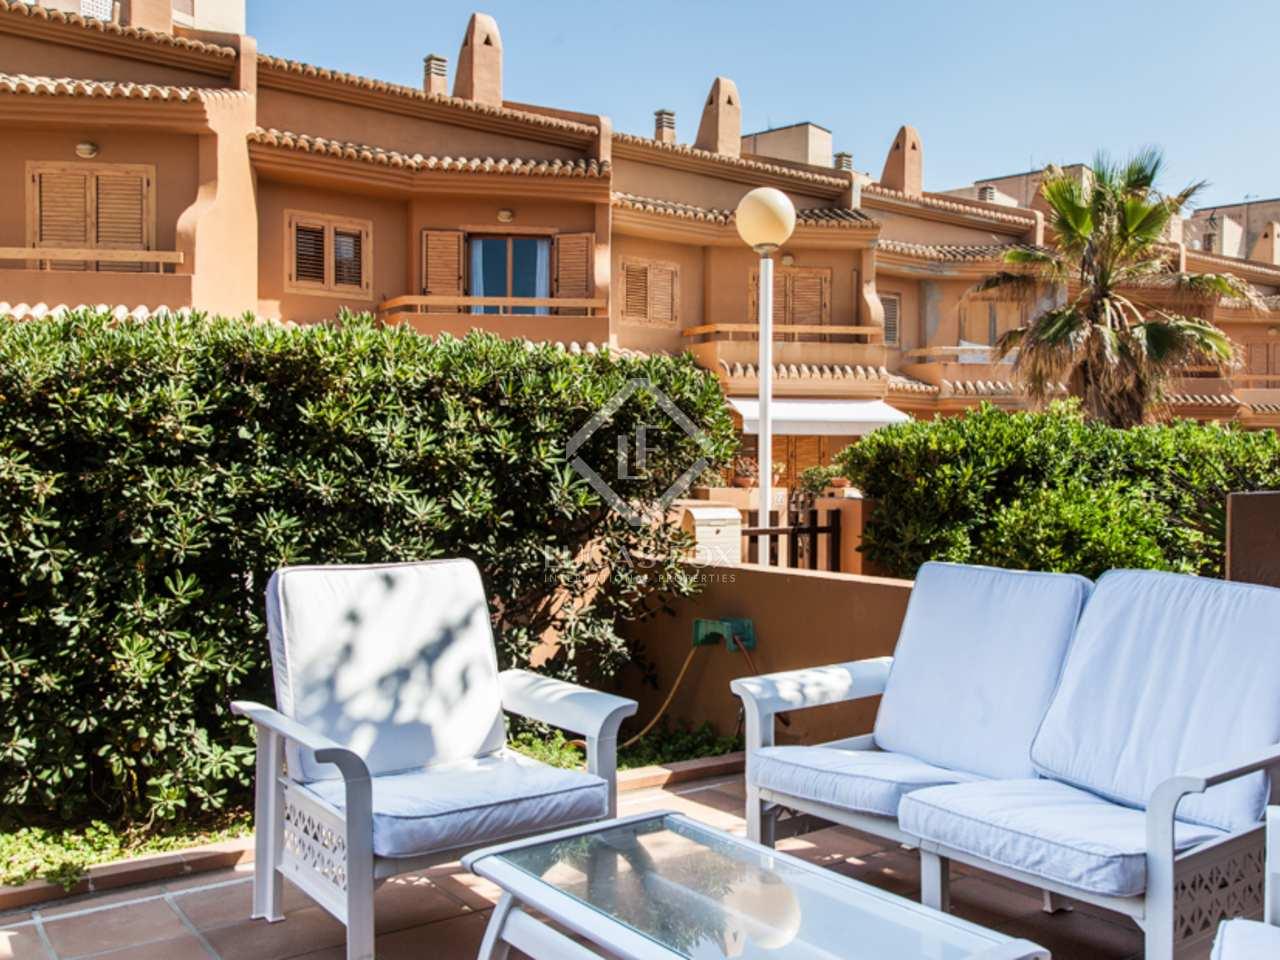 Villa en venta en el perellonet en valencia for Villas valencia